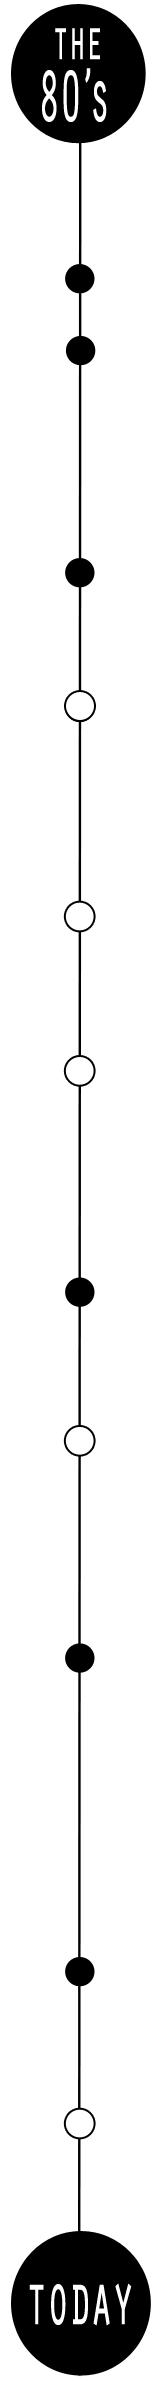 timeline-02.png